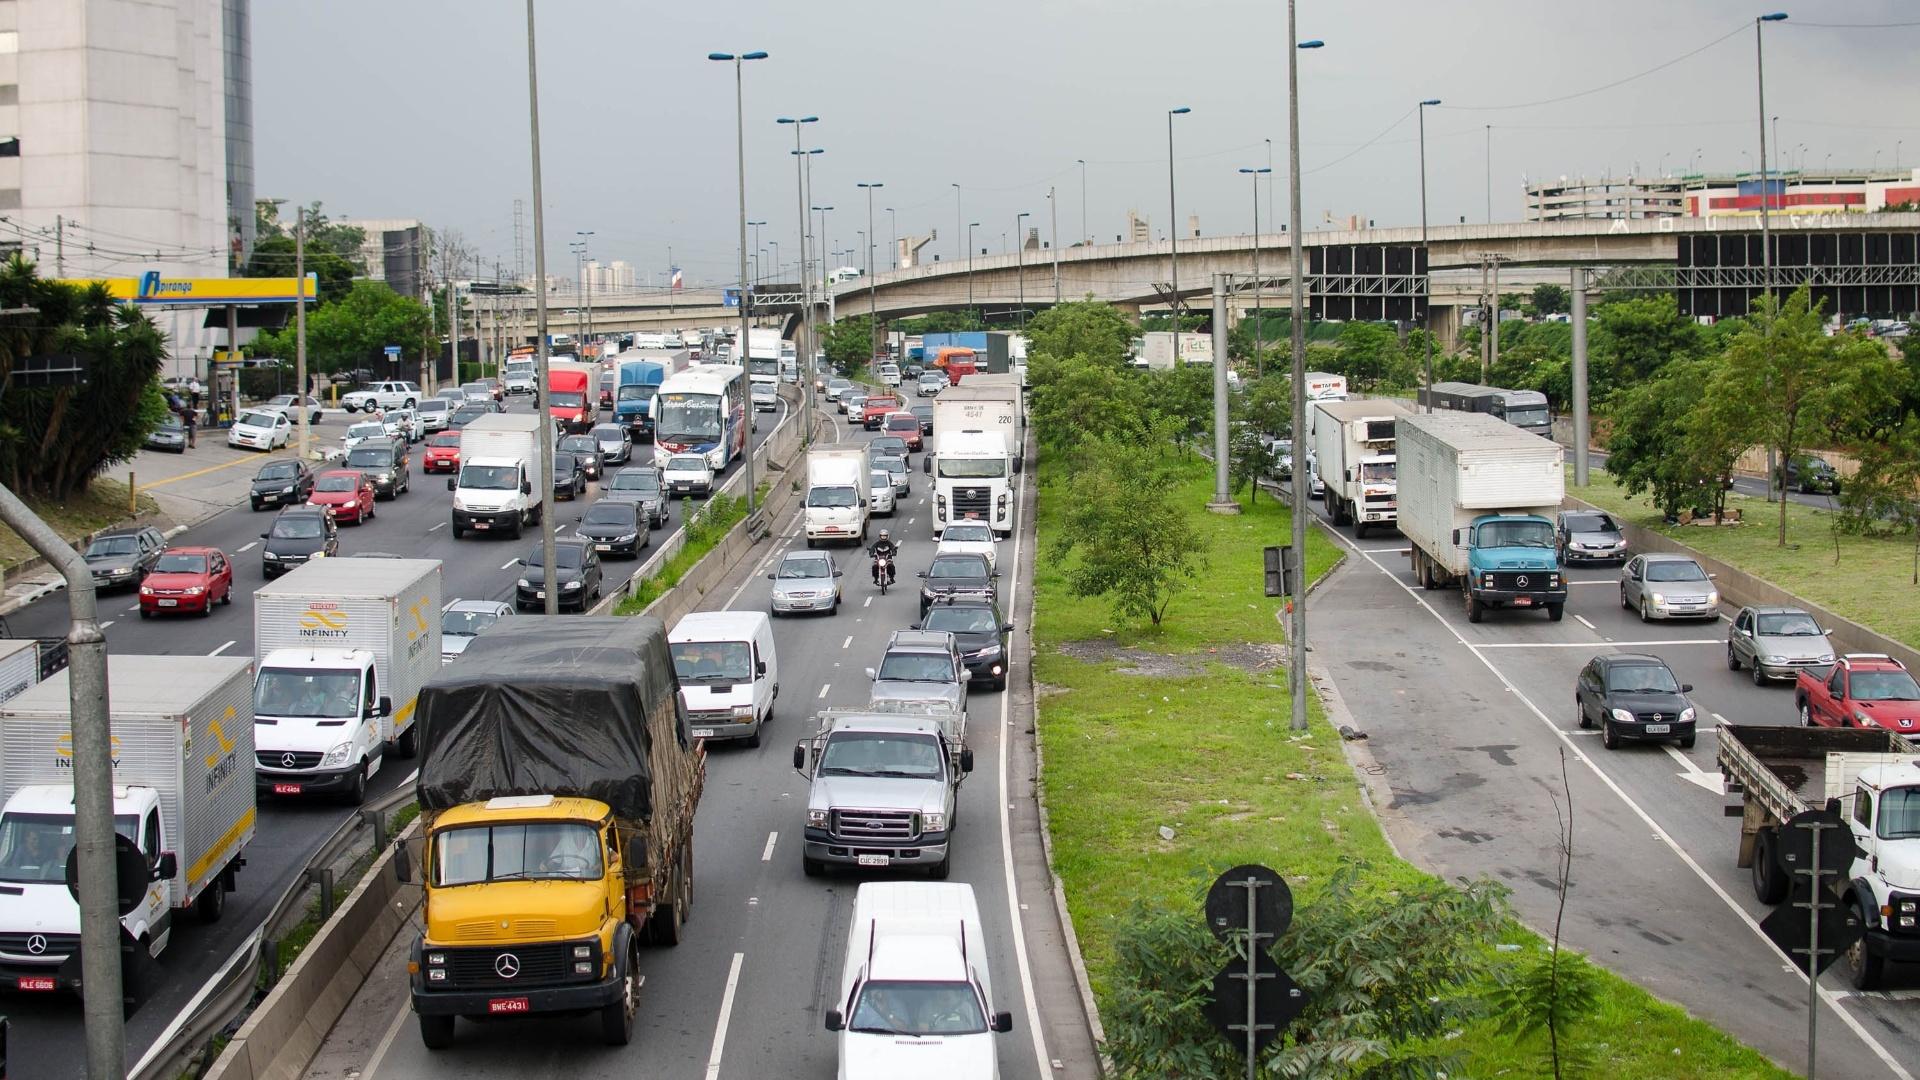 13.fev.2015 - O trânsito é intenso na marginal Tietê, sentido rodovia Castelo Branco, na altura da ponte das Bandeiras, em São Paulo, nesta sexta-feira (13). A via registrou, às 17h, 41,5 quilômetros de congestionamento, às vésperas do feriado de Carnaval